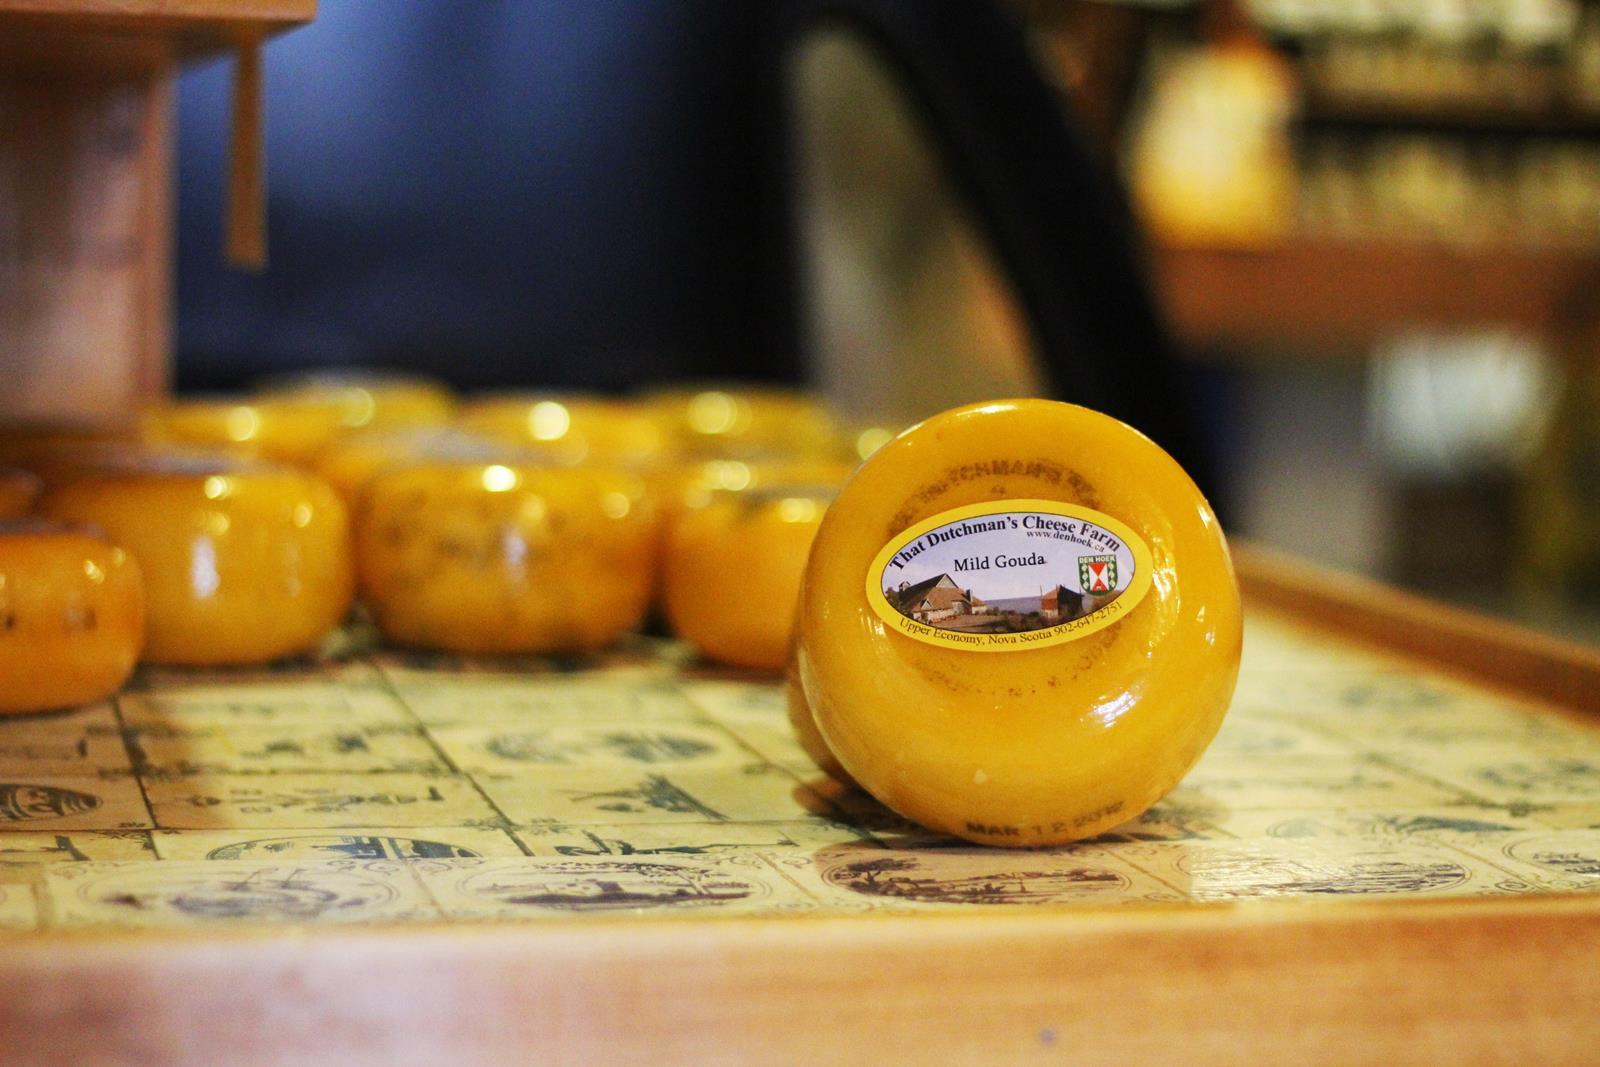 That Dutchman's Cheese Farm – Baby Gouda Wheel